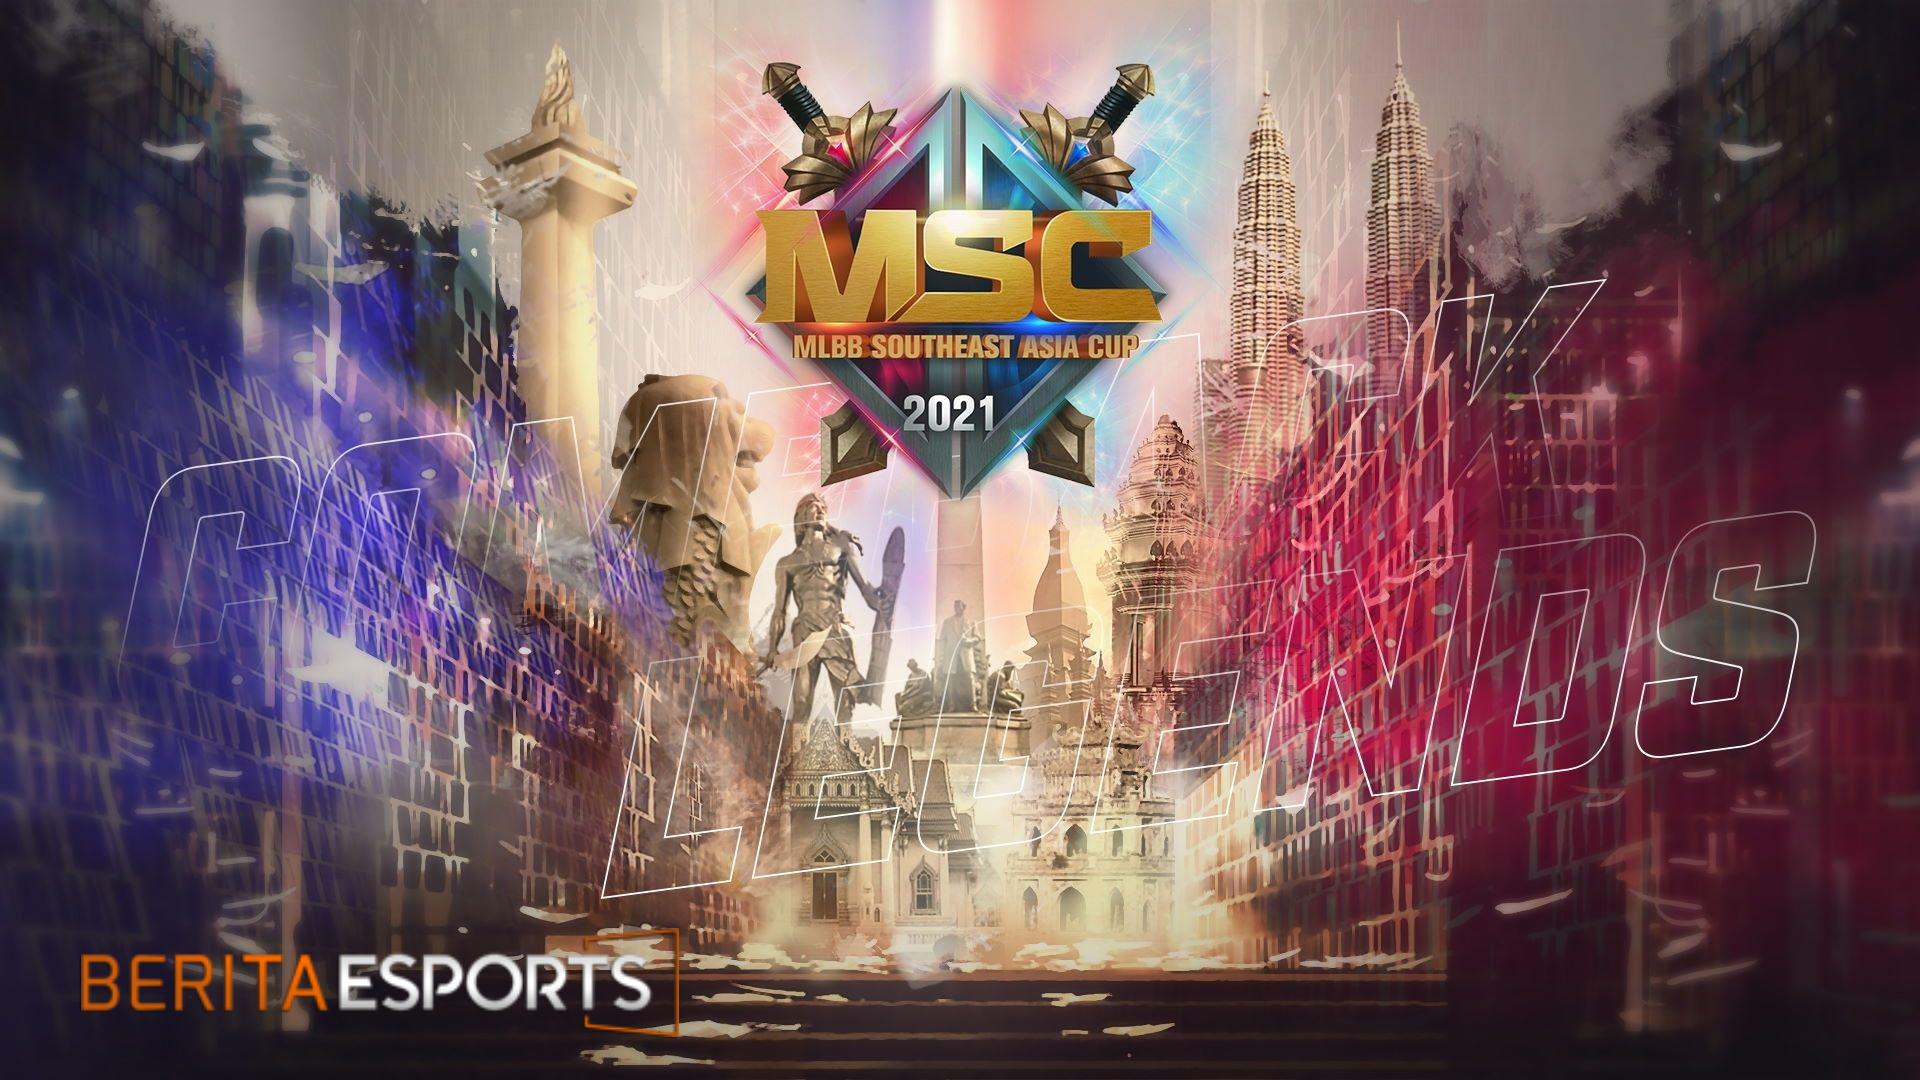 Jadwal dan Peserta Ajang MSC 2021, Simak Prediksi Peluang Tim Indonesia!